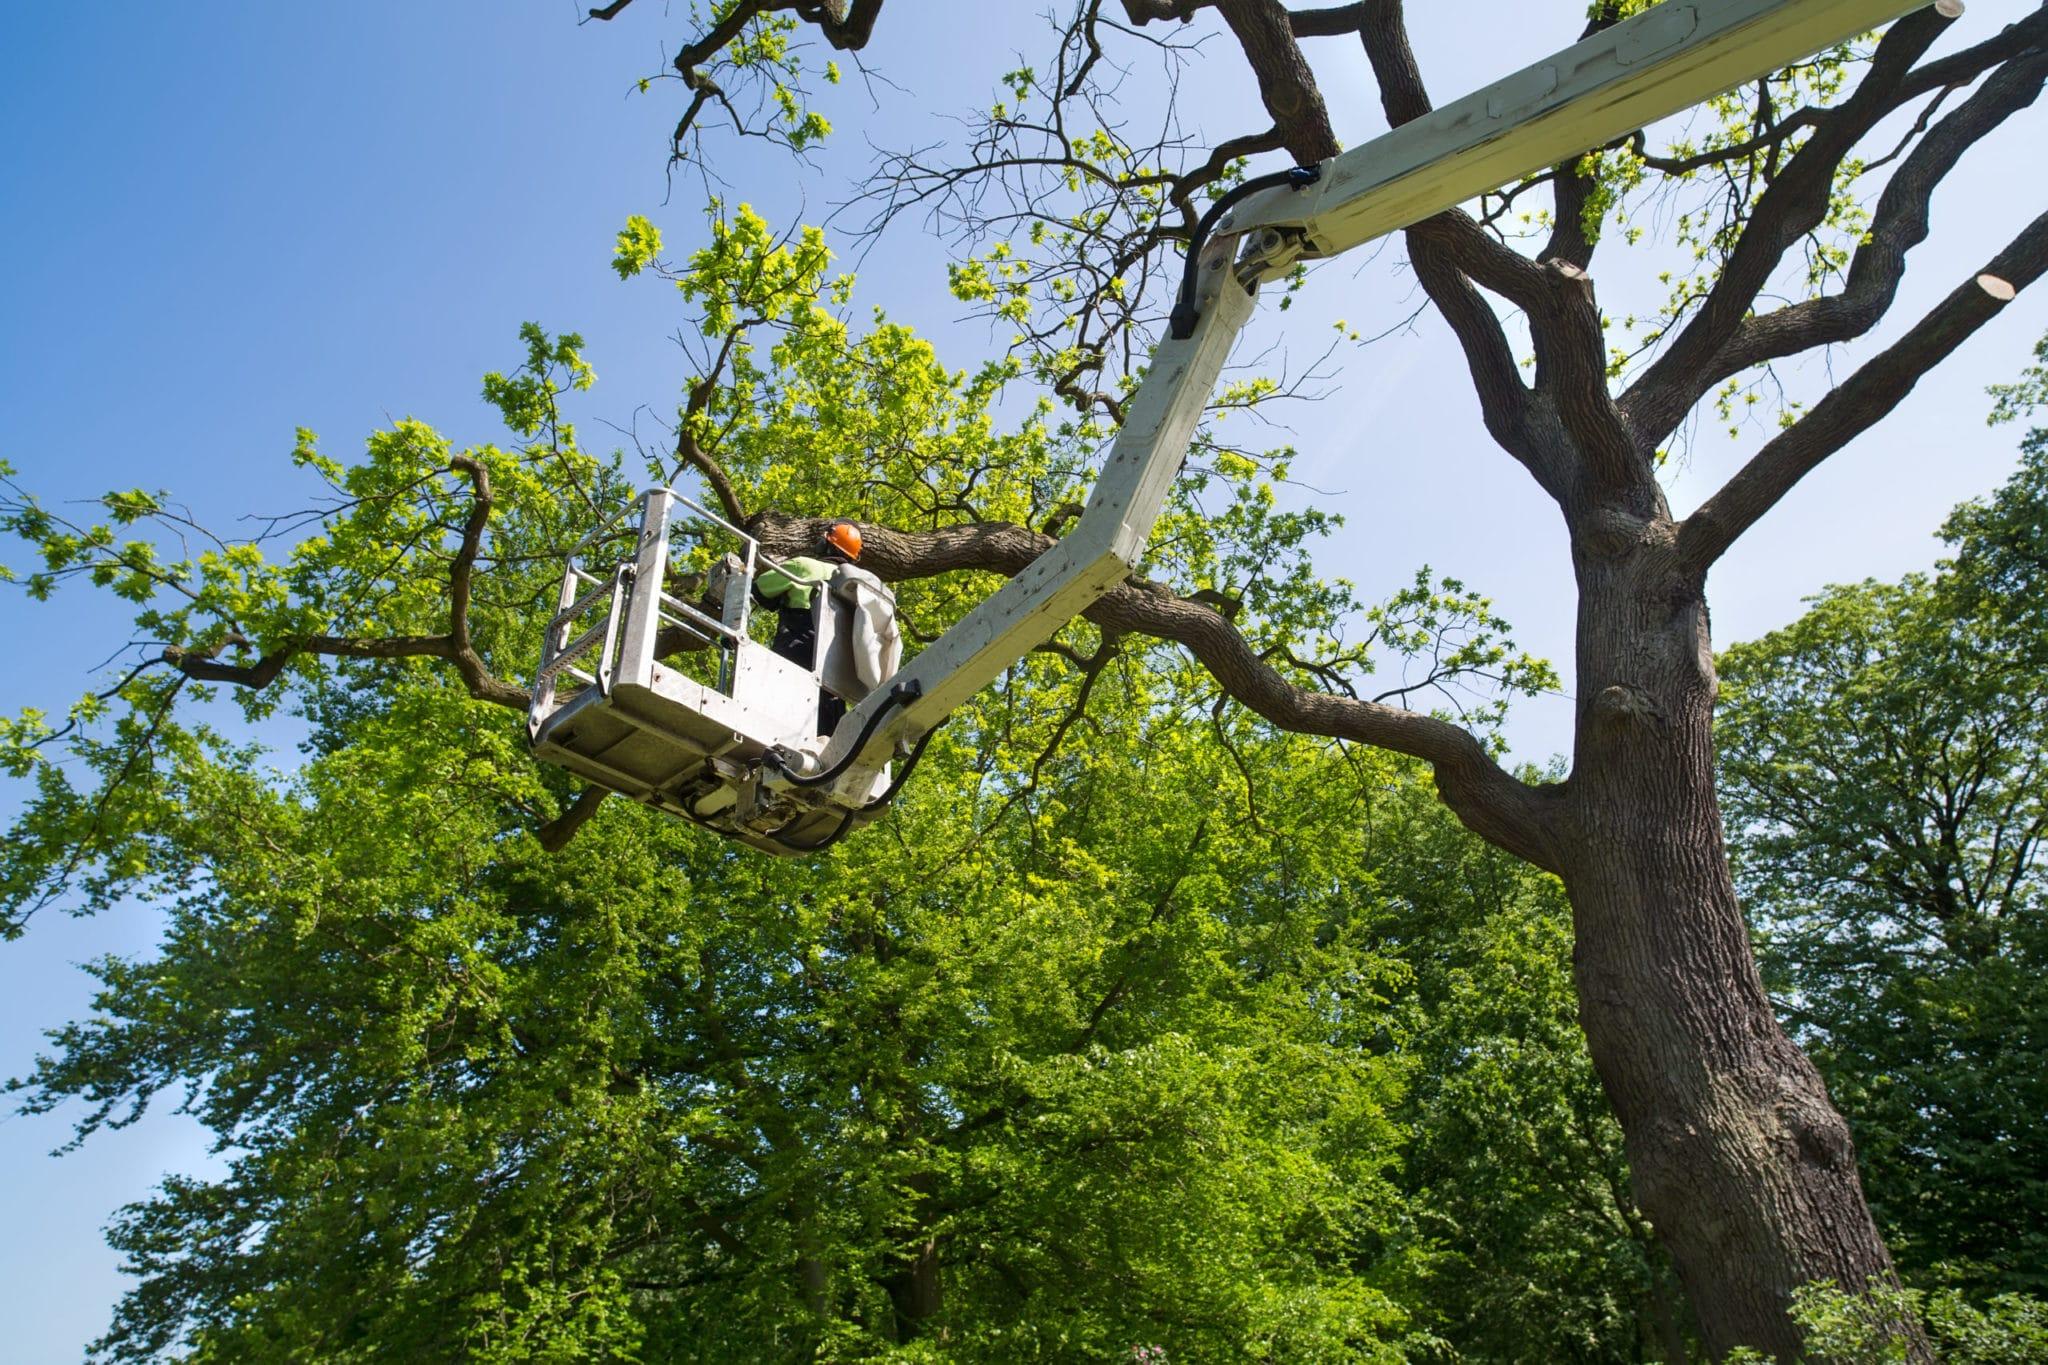 Plennid wint aanbesteding groenwerkzaamheden gemeente Rotterdam